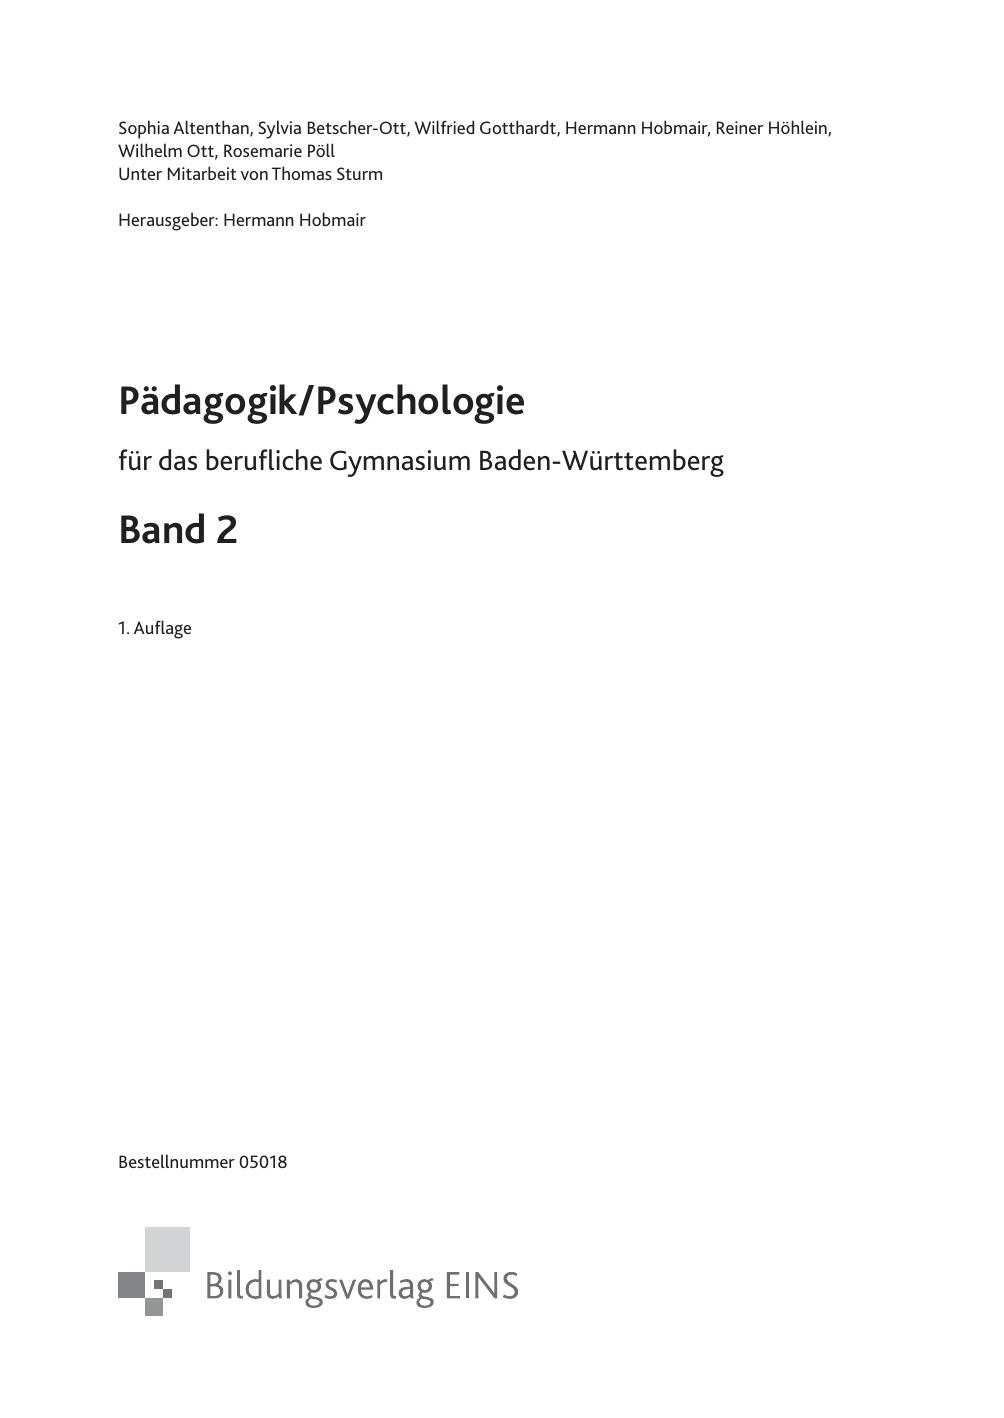 Abwehrmechanismen Freud Beispiele pädagogik/psychologie band 2